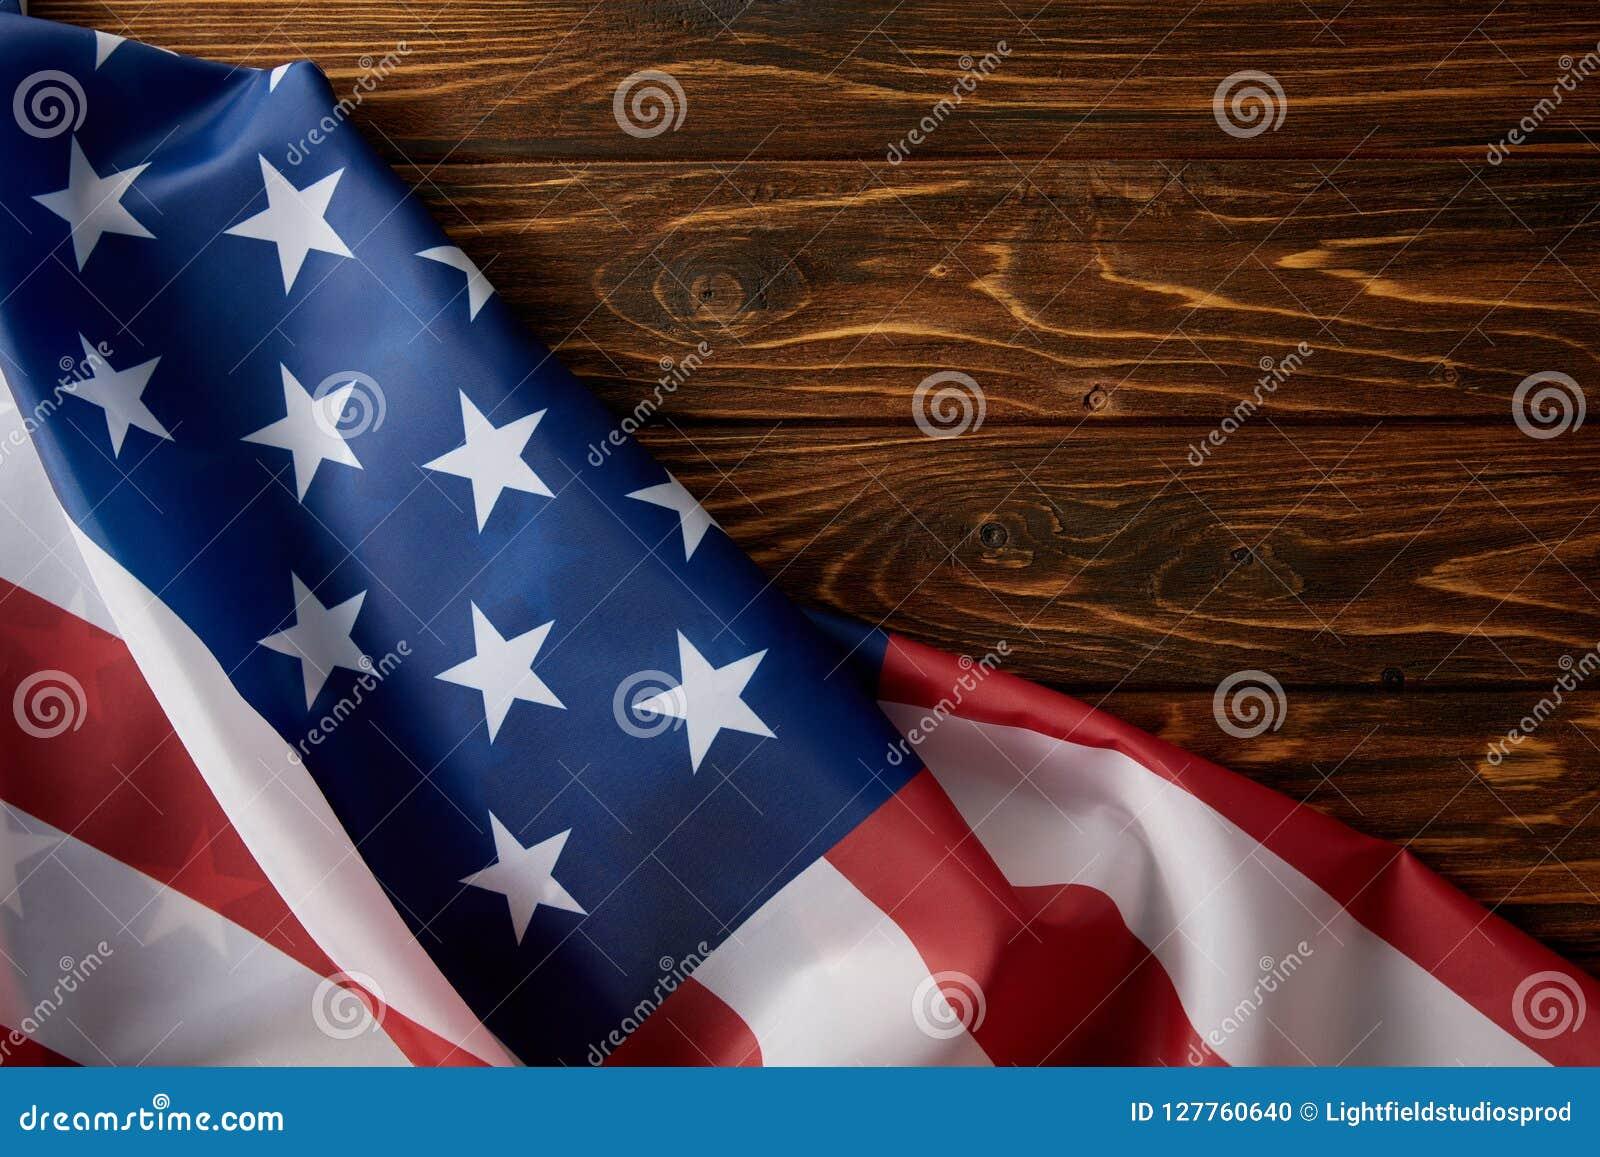 μερική άποψη της σημαίας των Ηνωμένων Πολιτειών της Αμερικής στην ξύλινη επιφάνεια